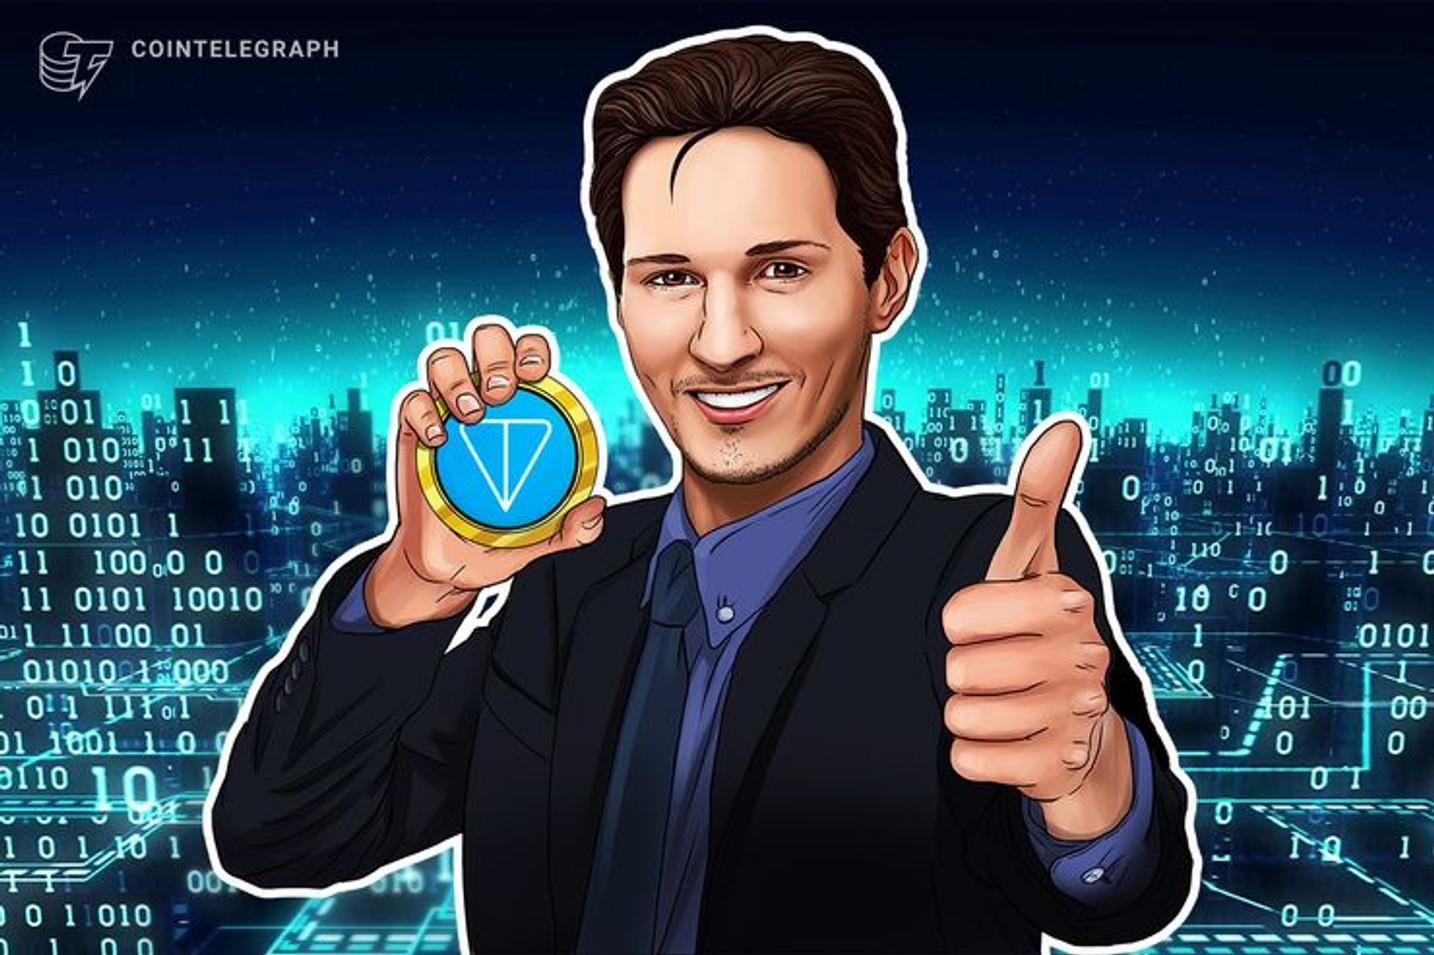 Analista da Monfex diz que criptomoeda do app de mensagens Telegram poderia arrecadar US$4 bilhões até 2022